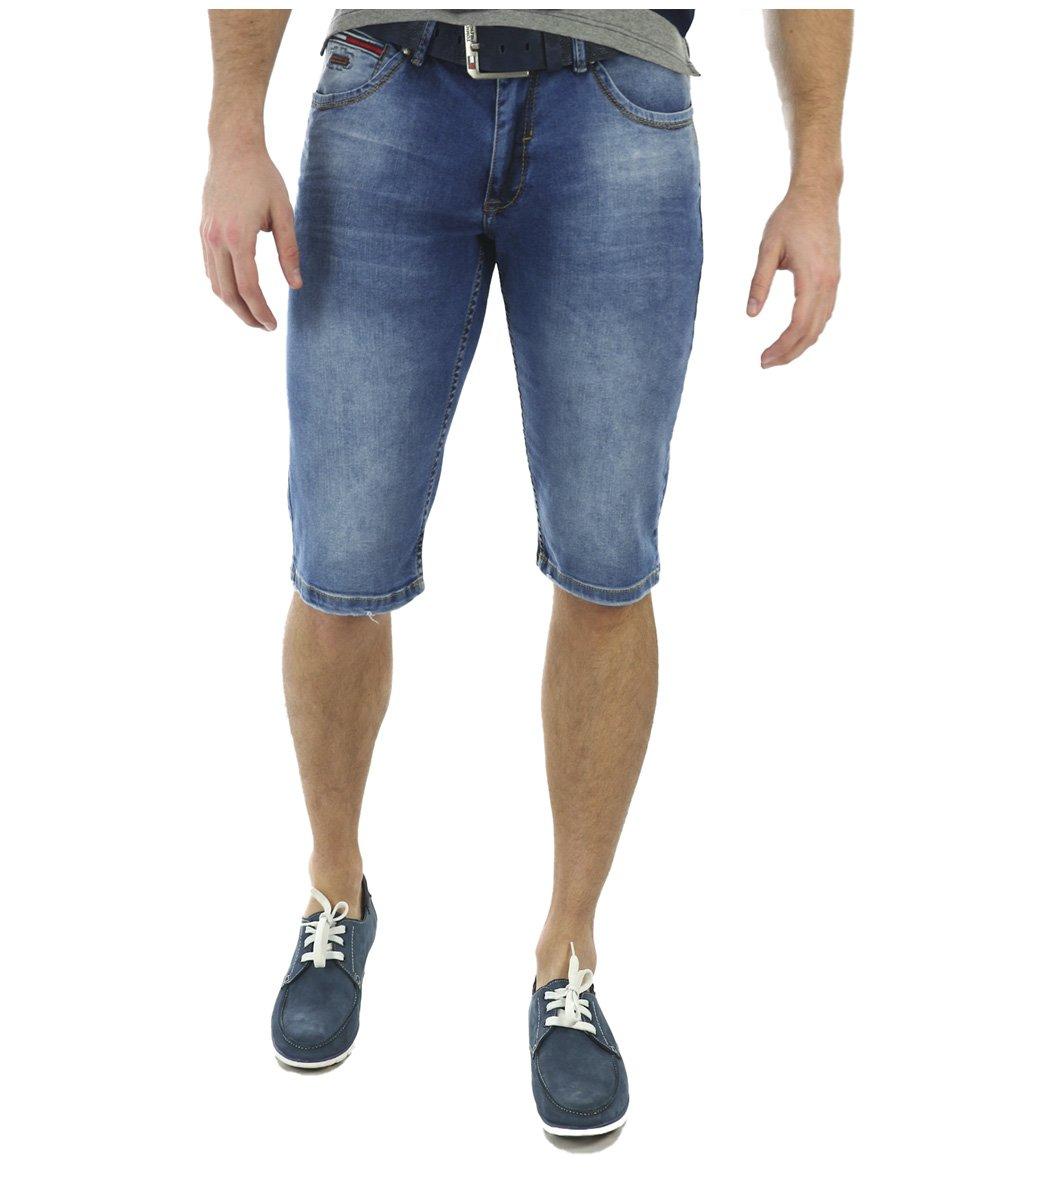 Джинсовые шорты Tommy Hilfiger + ремень